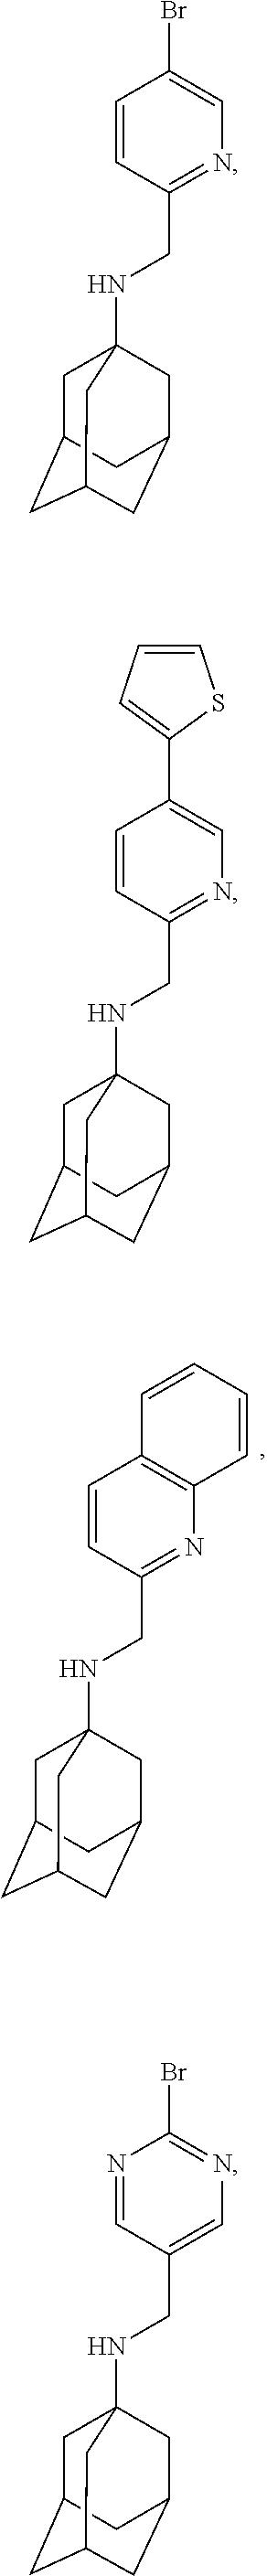 Figure US09884832-20180206-C00141